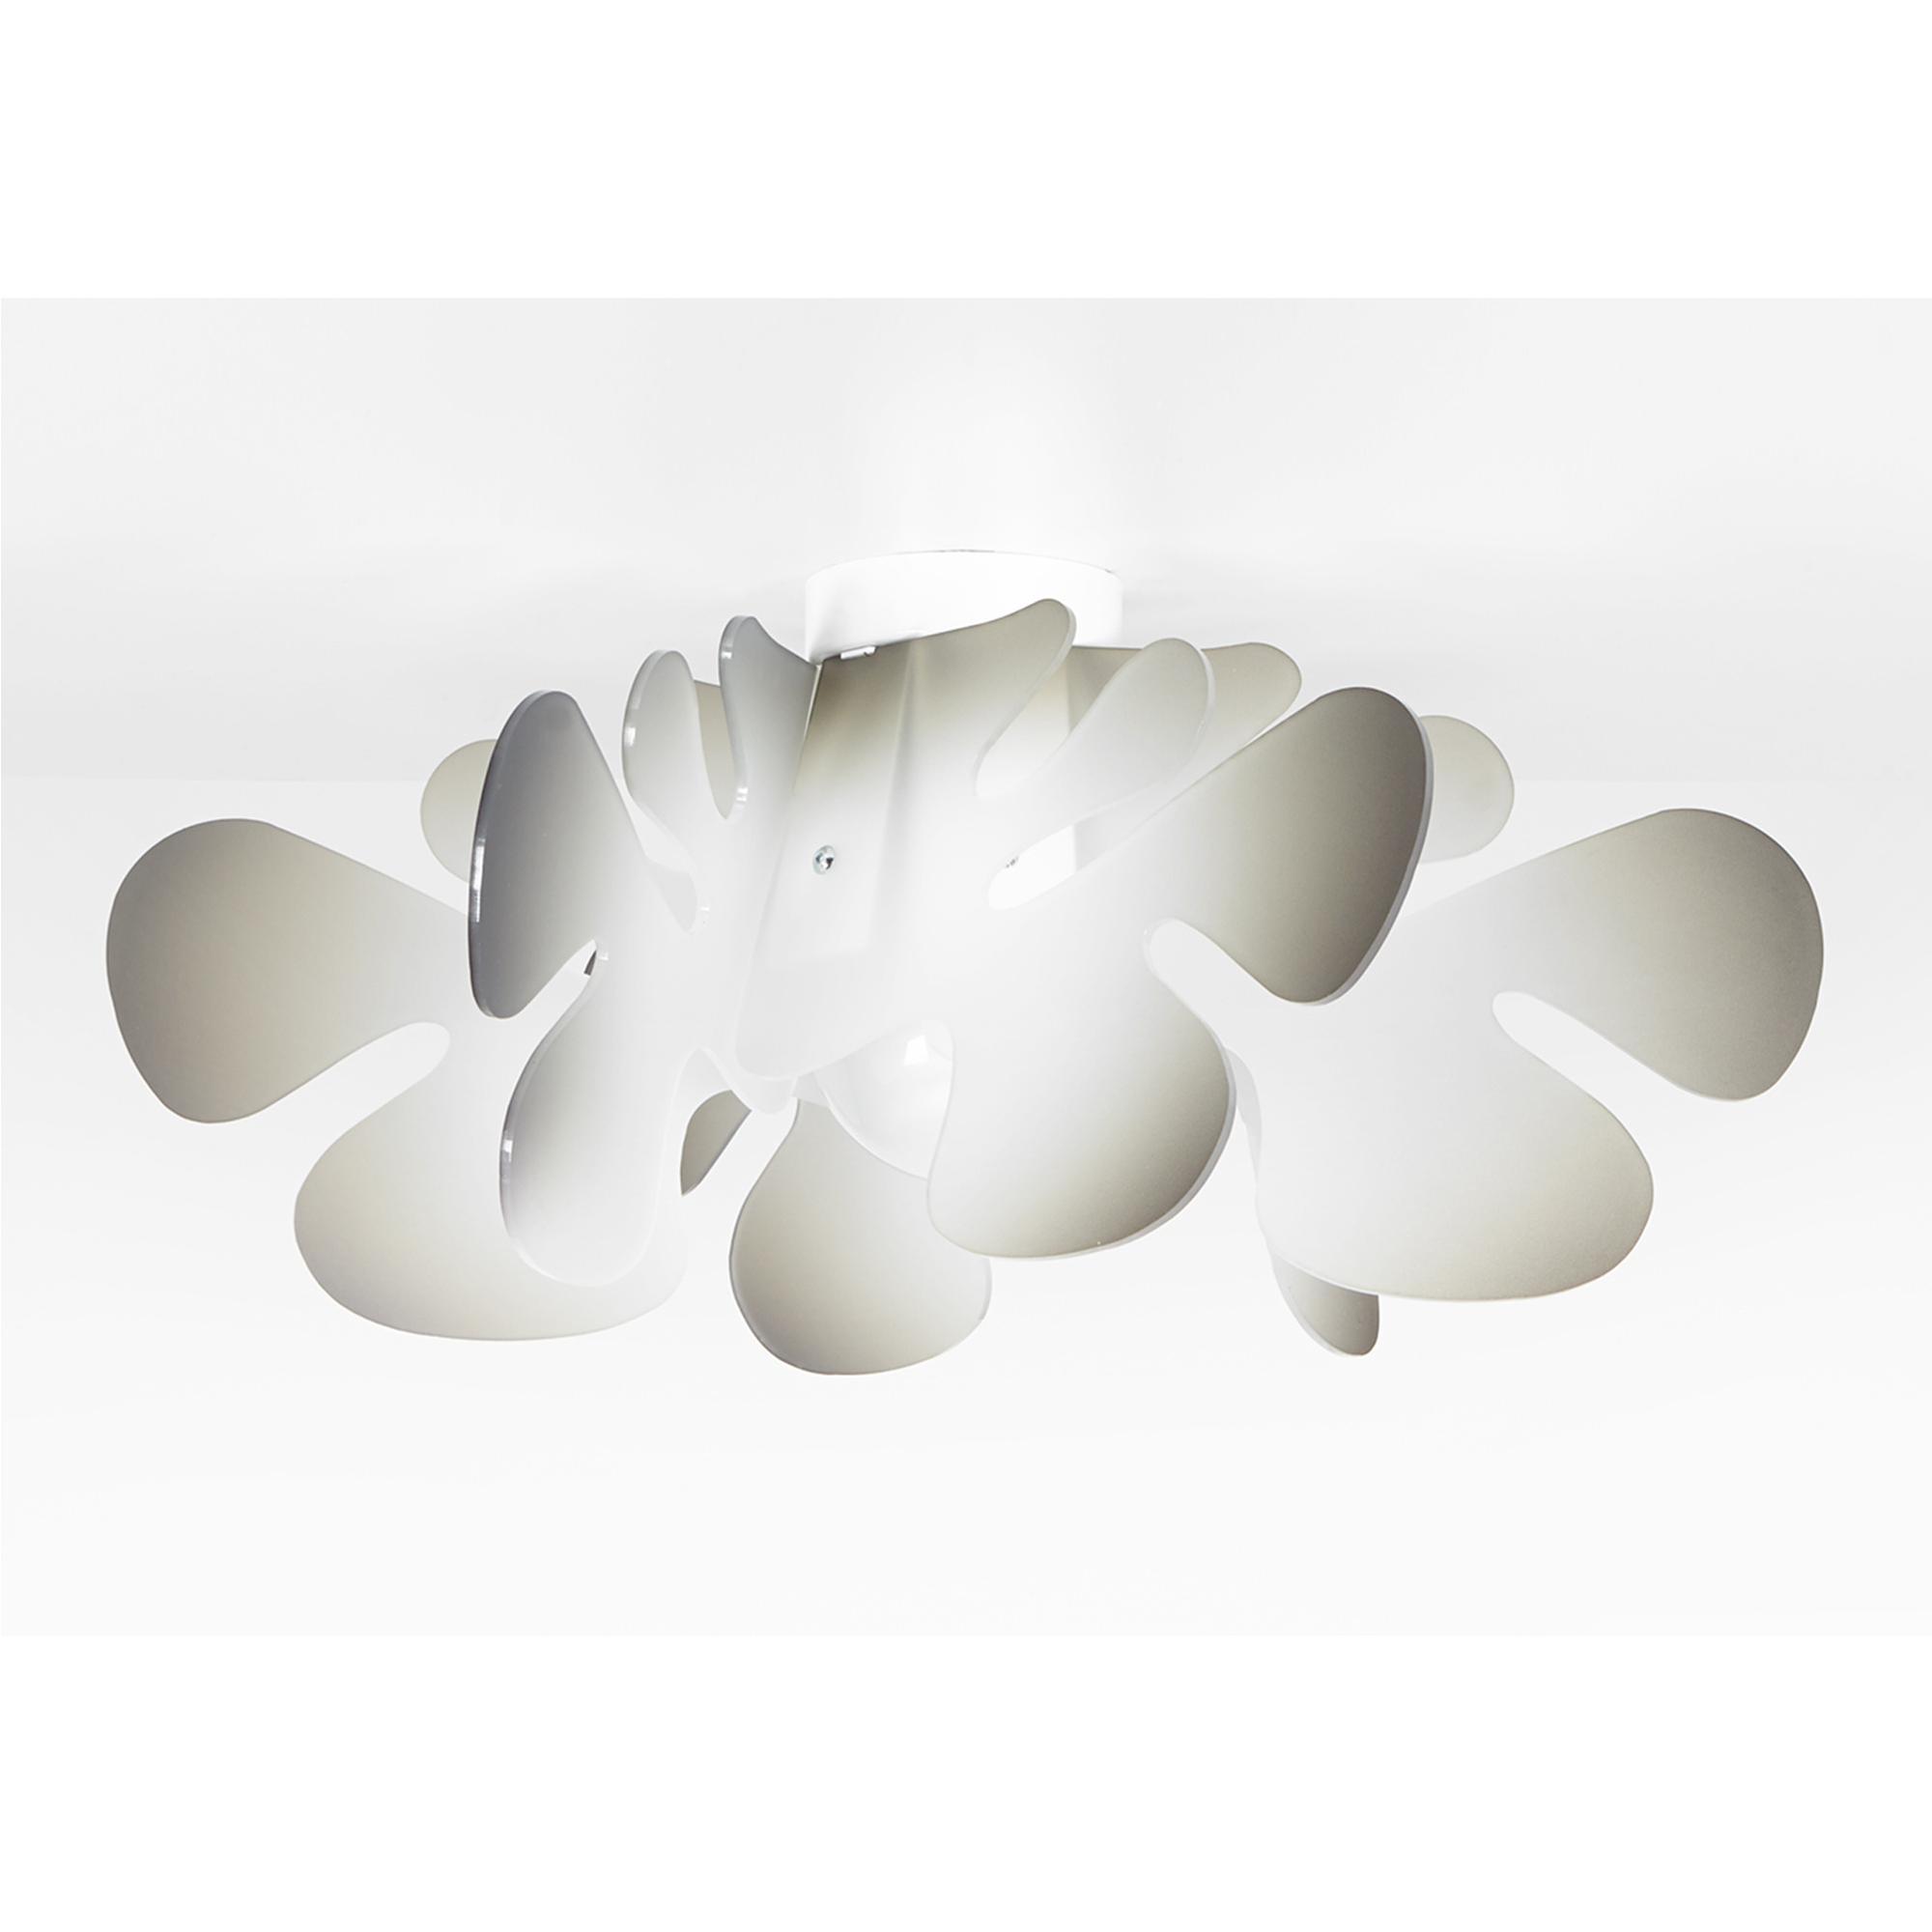 Plafoniera da soffitto in metacrilato ARALIA Ø53xh23 cm Medio Grigio Nuance